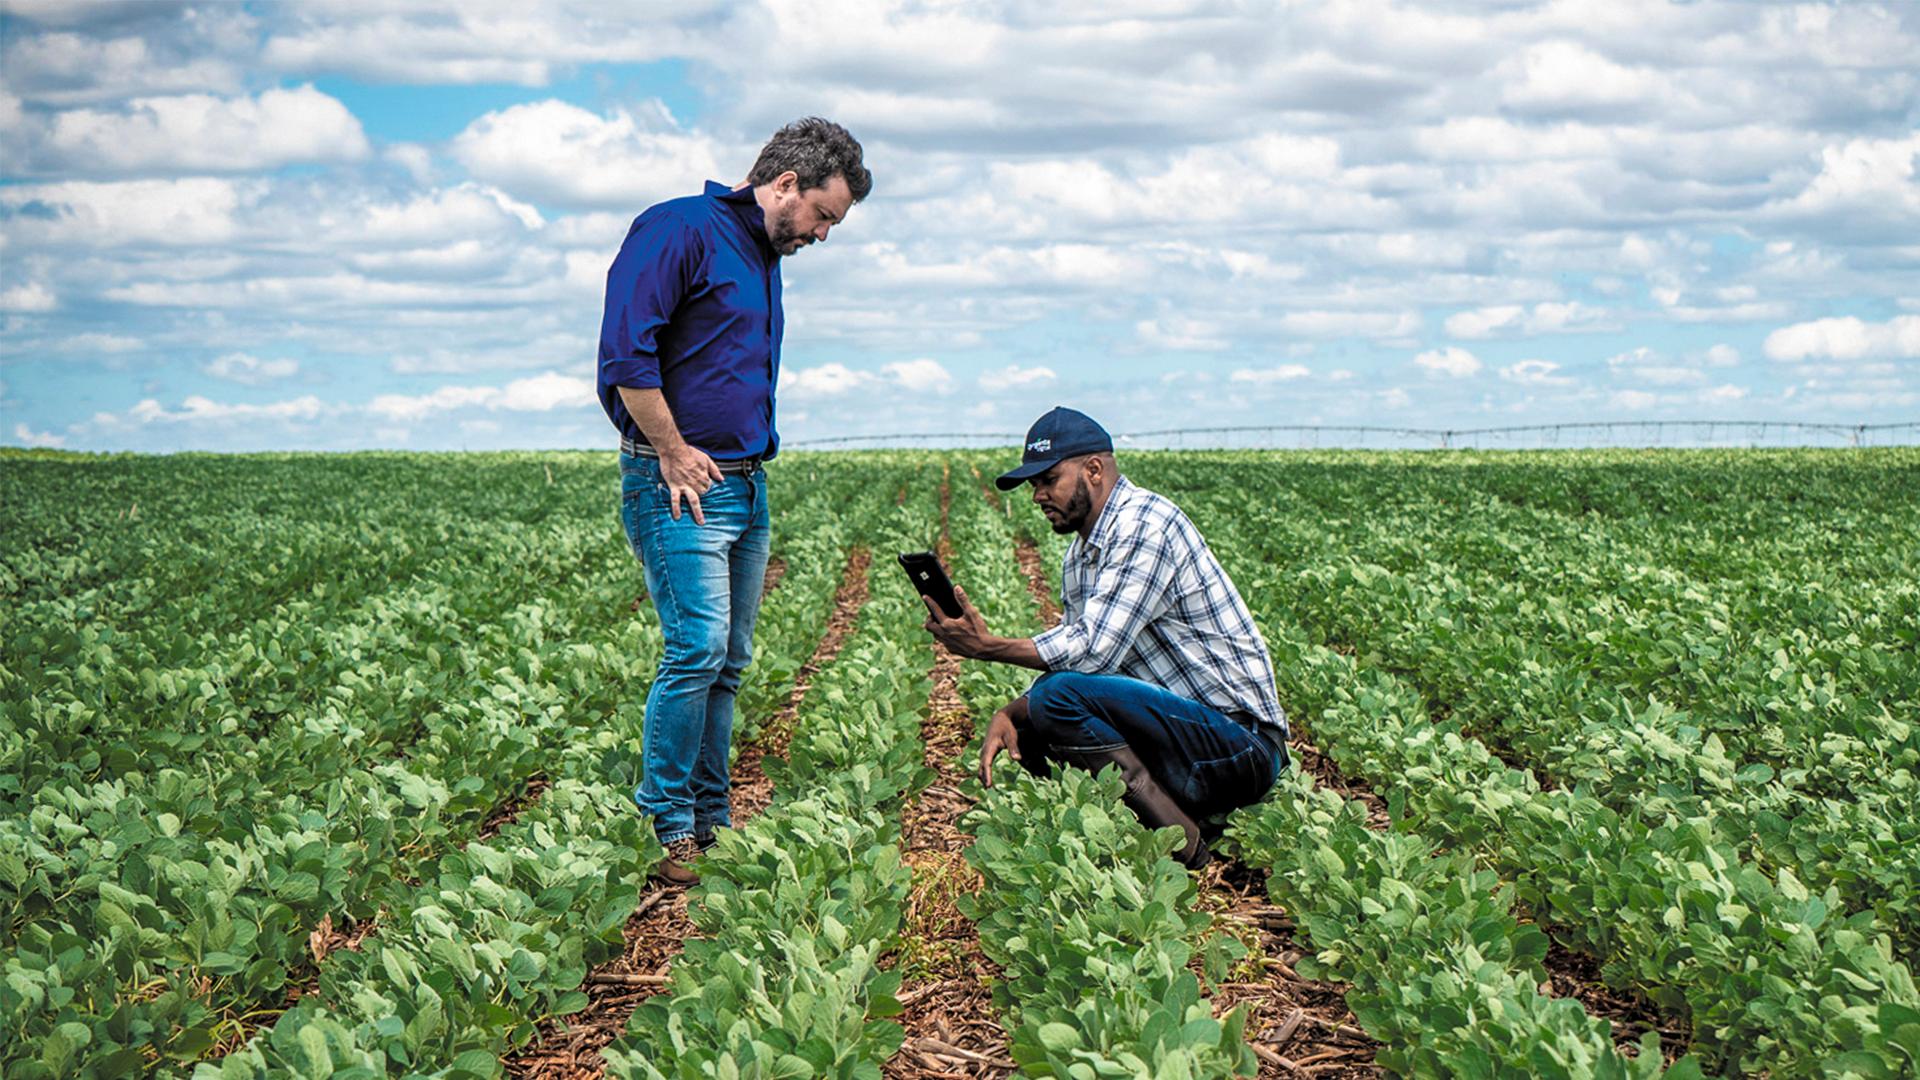 Oferta Controle Certo presta apoio técnico a agricultores sem equipes especializadas